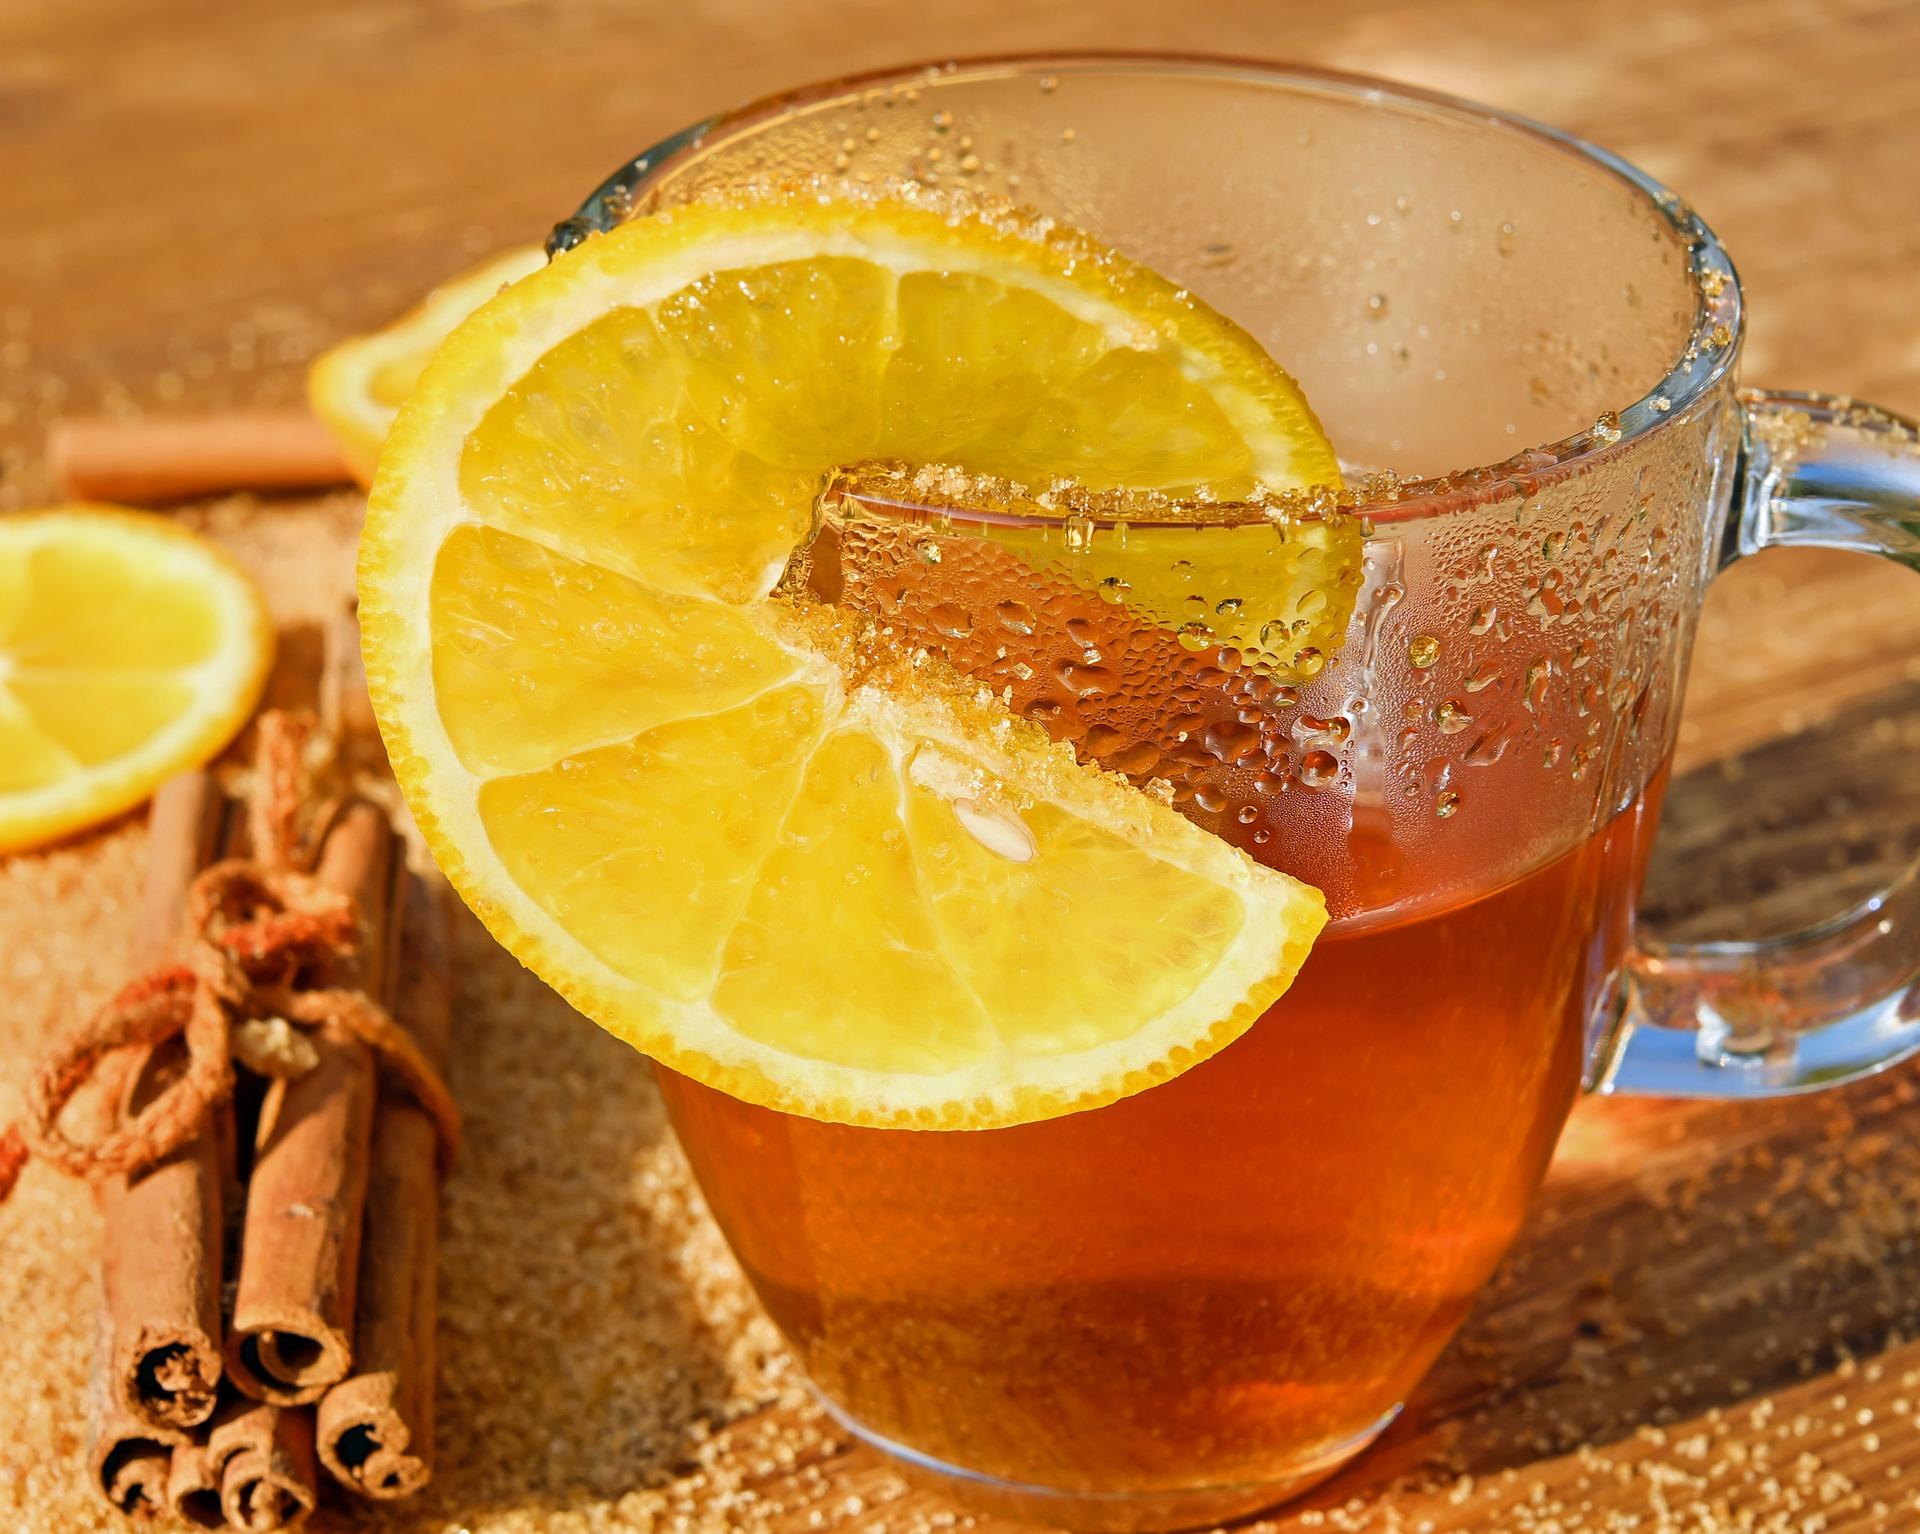 cinnamon and lemon to lift your mood